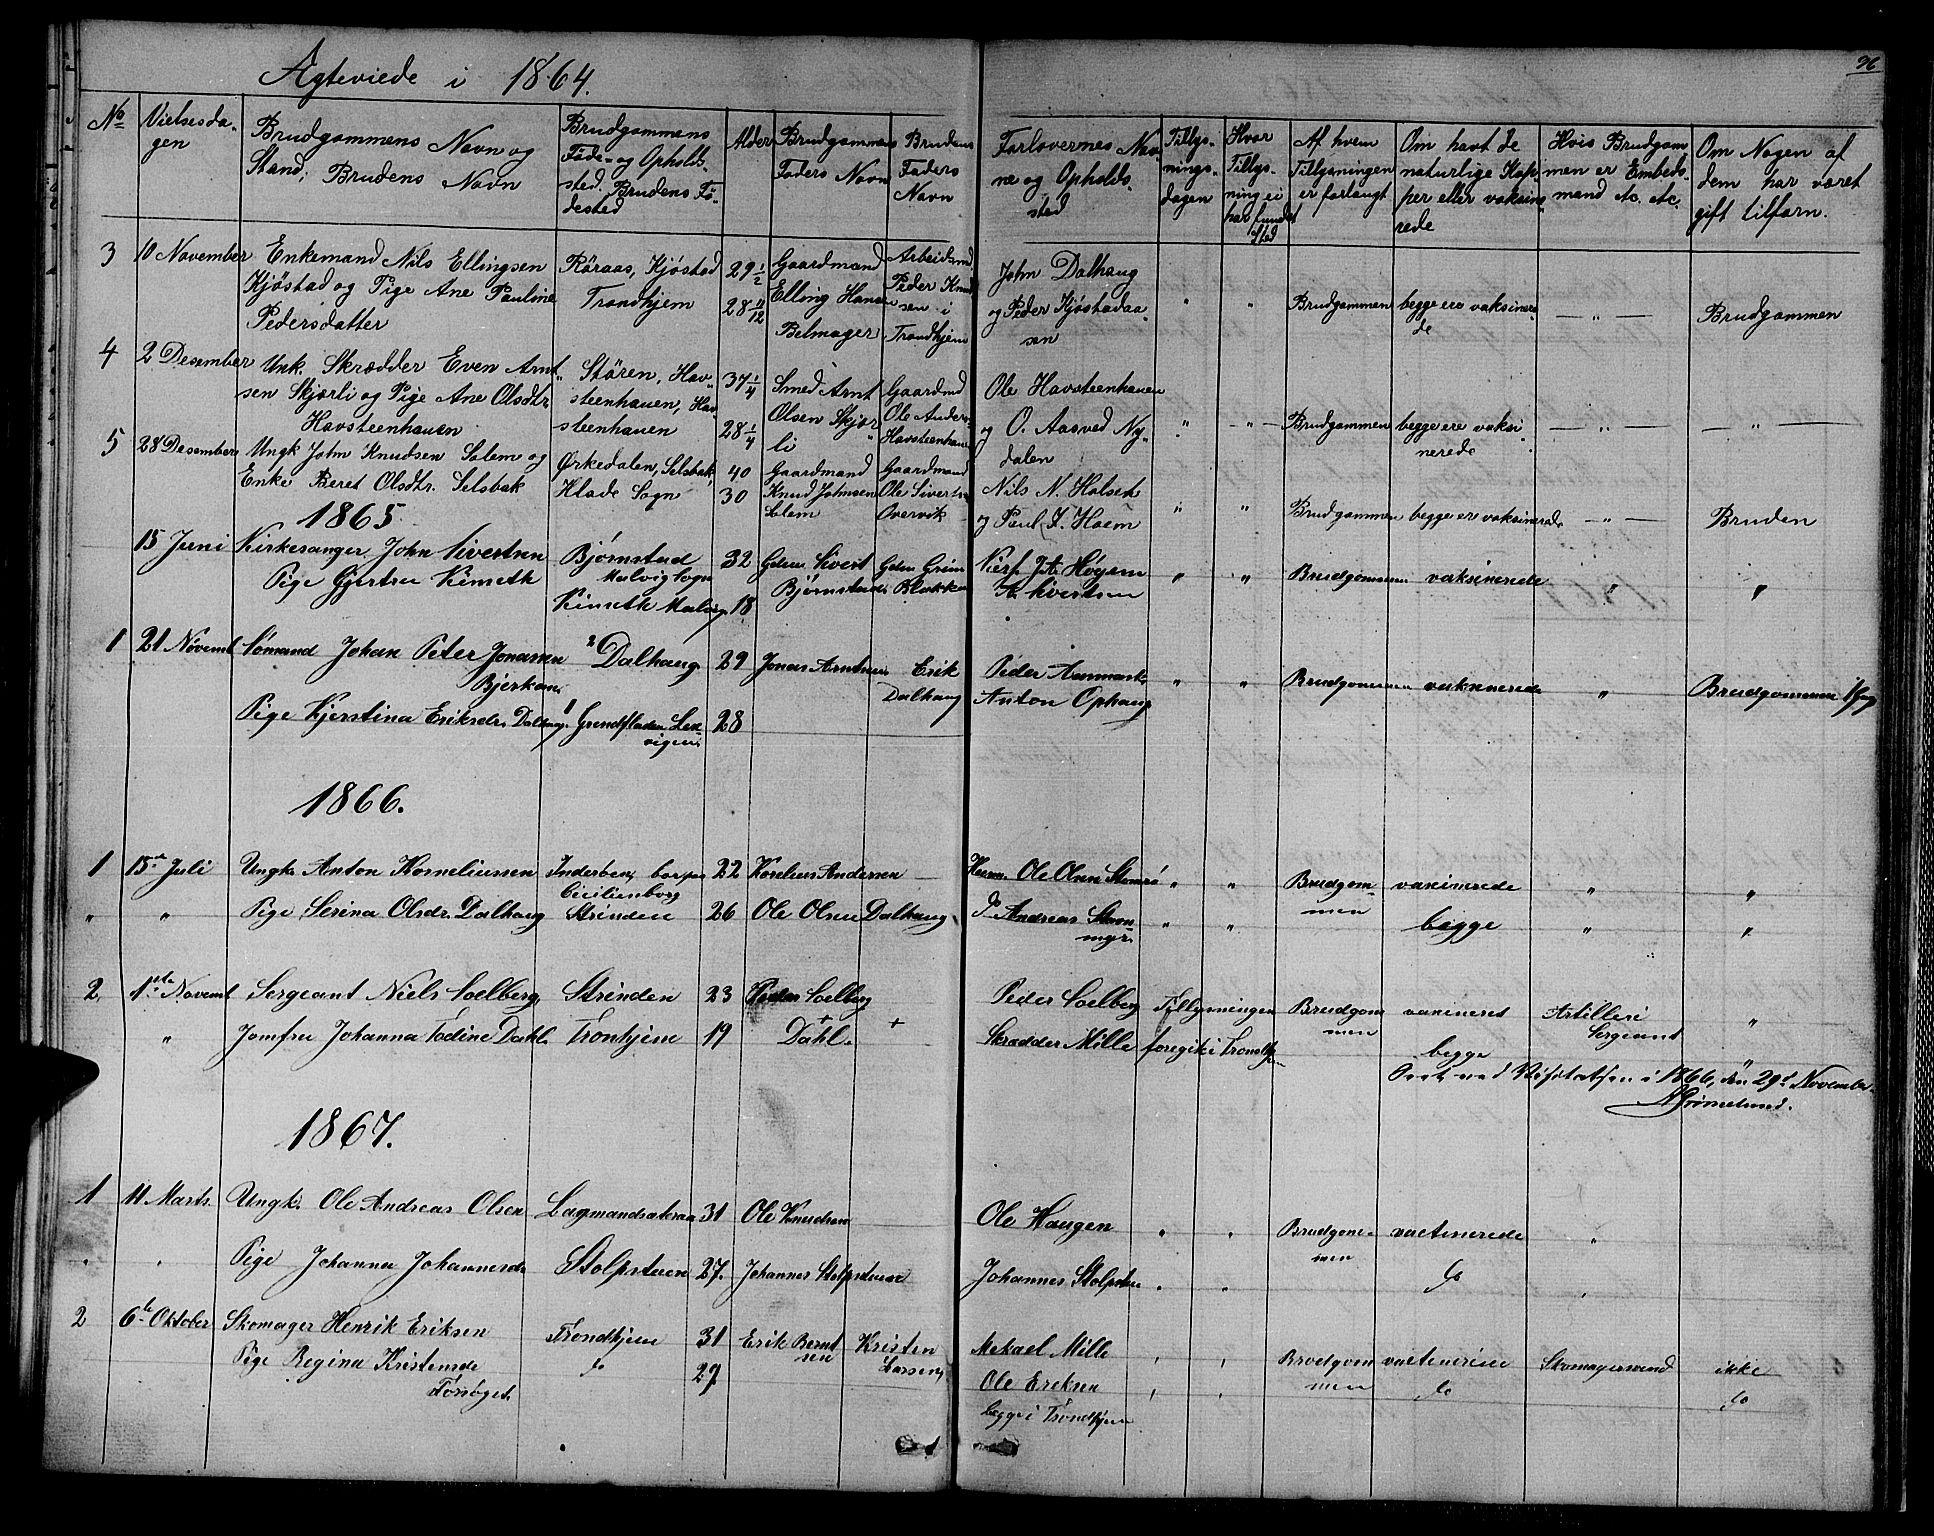 SAT, Ministerialprotokoller, klokkerbøker og fødselsregistre - Sør-Trøndelag, 611/L0353: Klokkerbok nr. 611C01, 1854-1881, s. 96